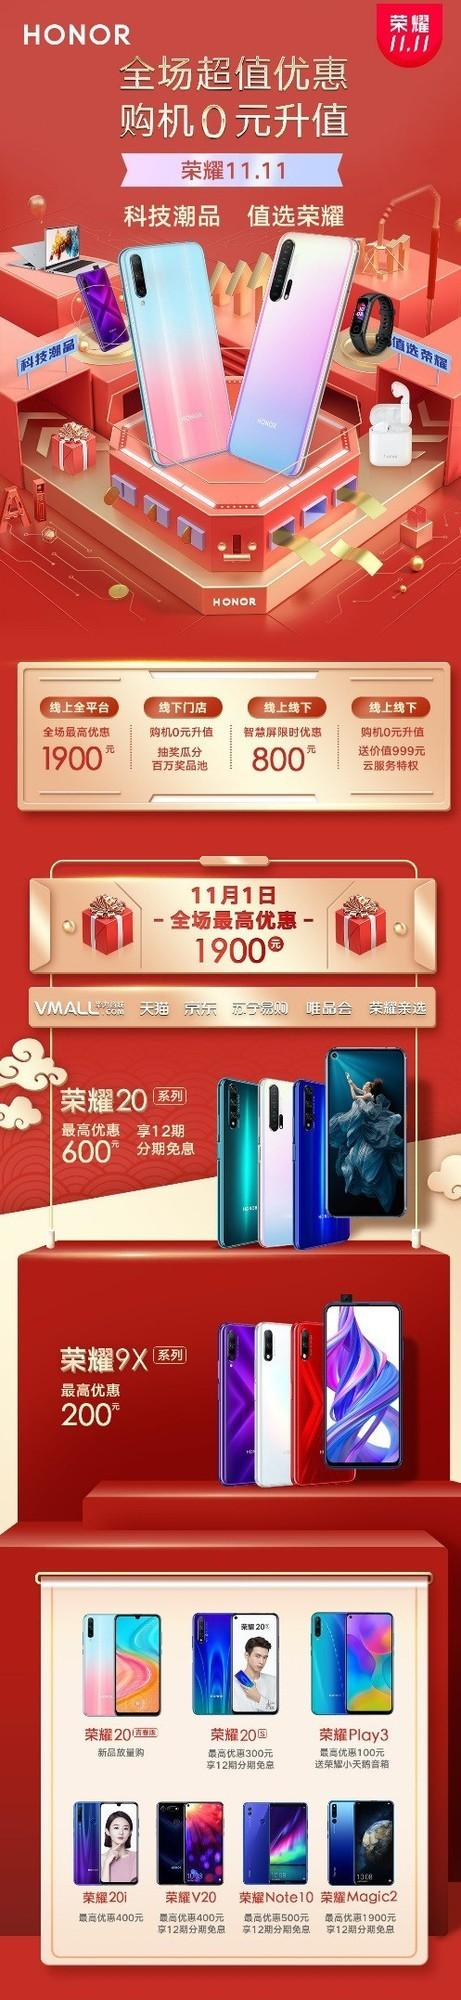 荣耀20系列最高优惠600元,0元升值成必买旗舰_手机